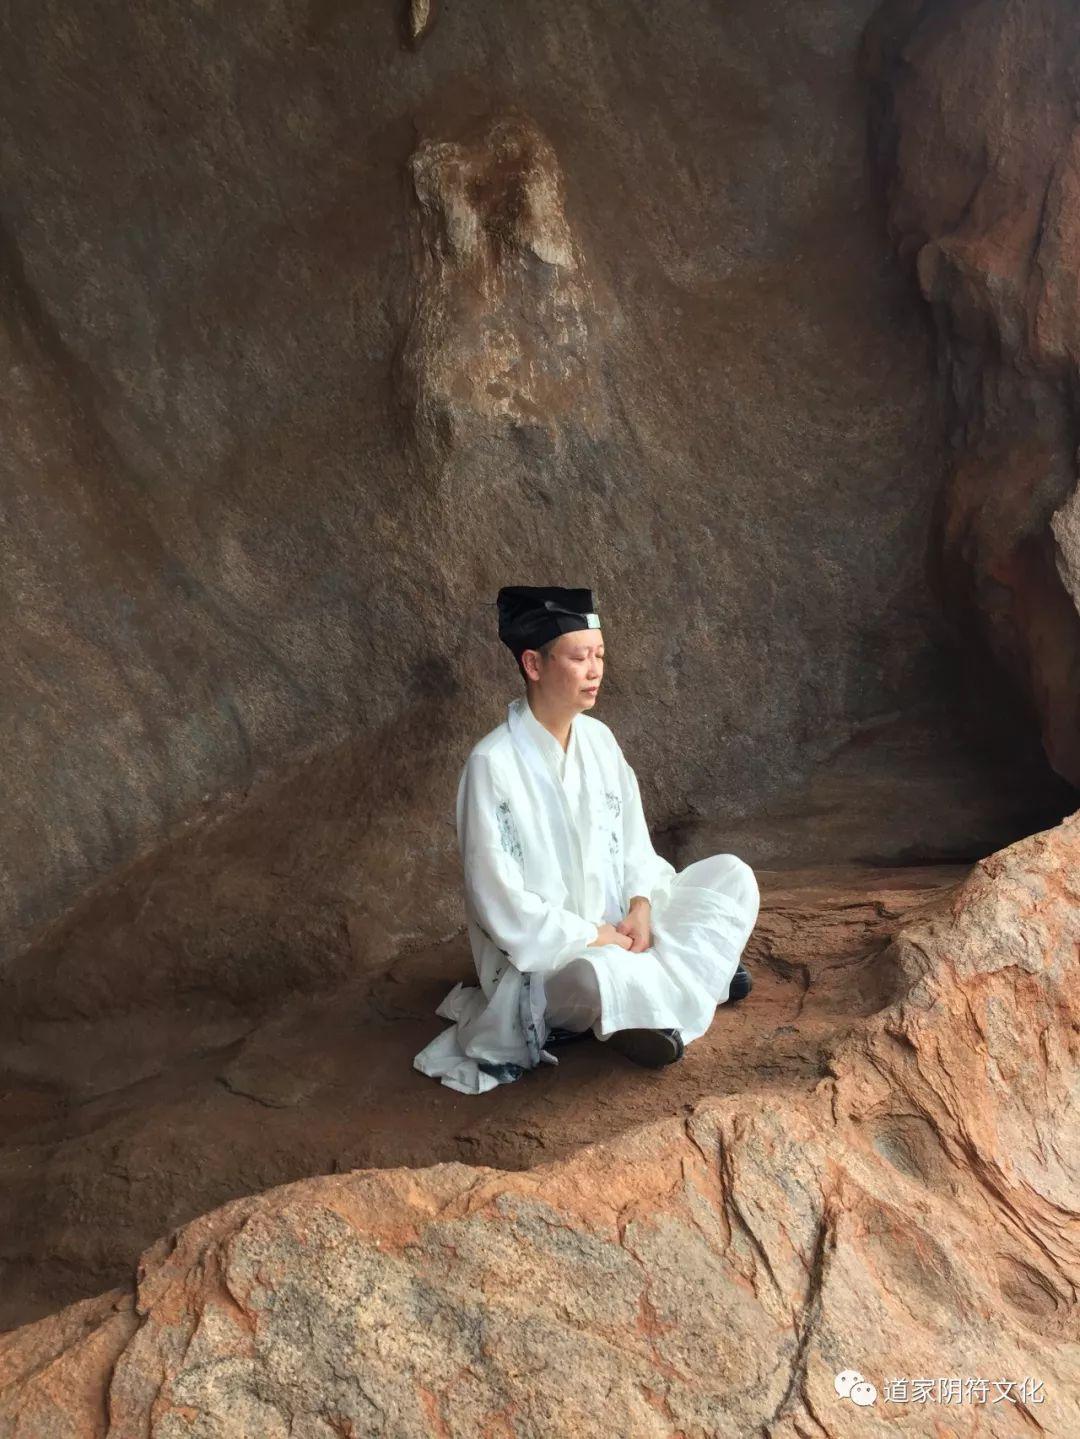 道家阴符派博客--世界修行之旅-澳洲(3):乌鲁卢艾尔斯岩--乌鲁卢 11